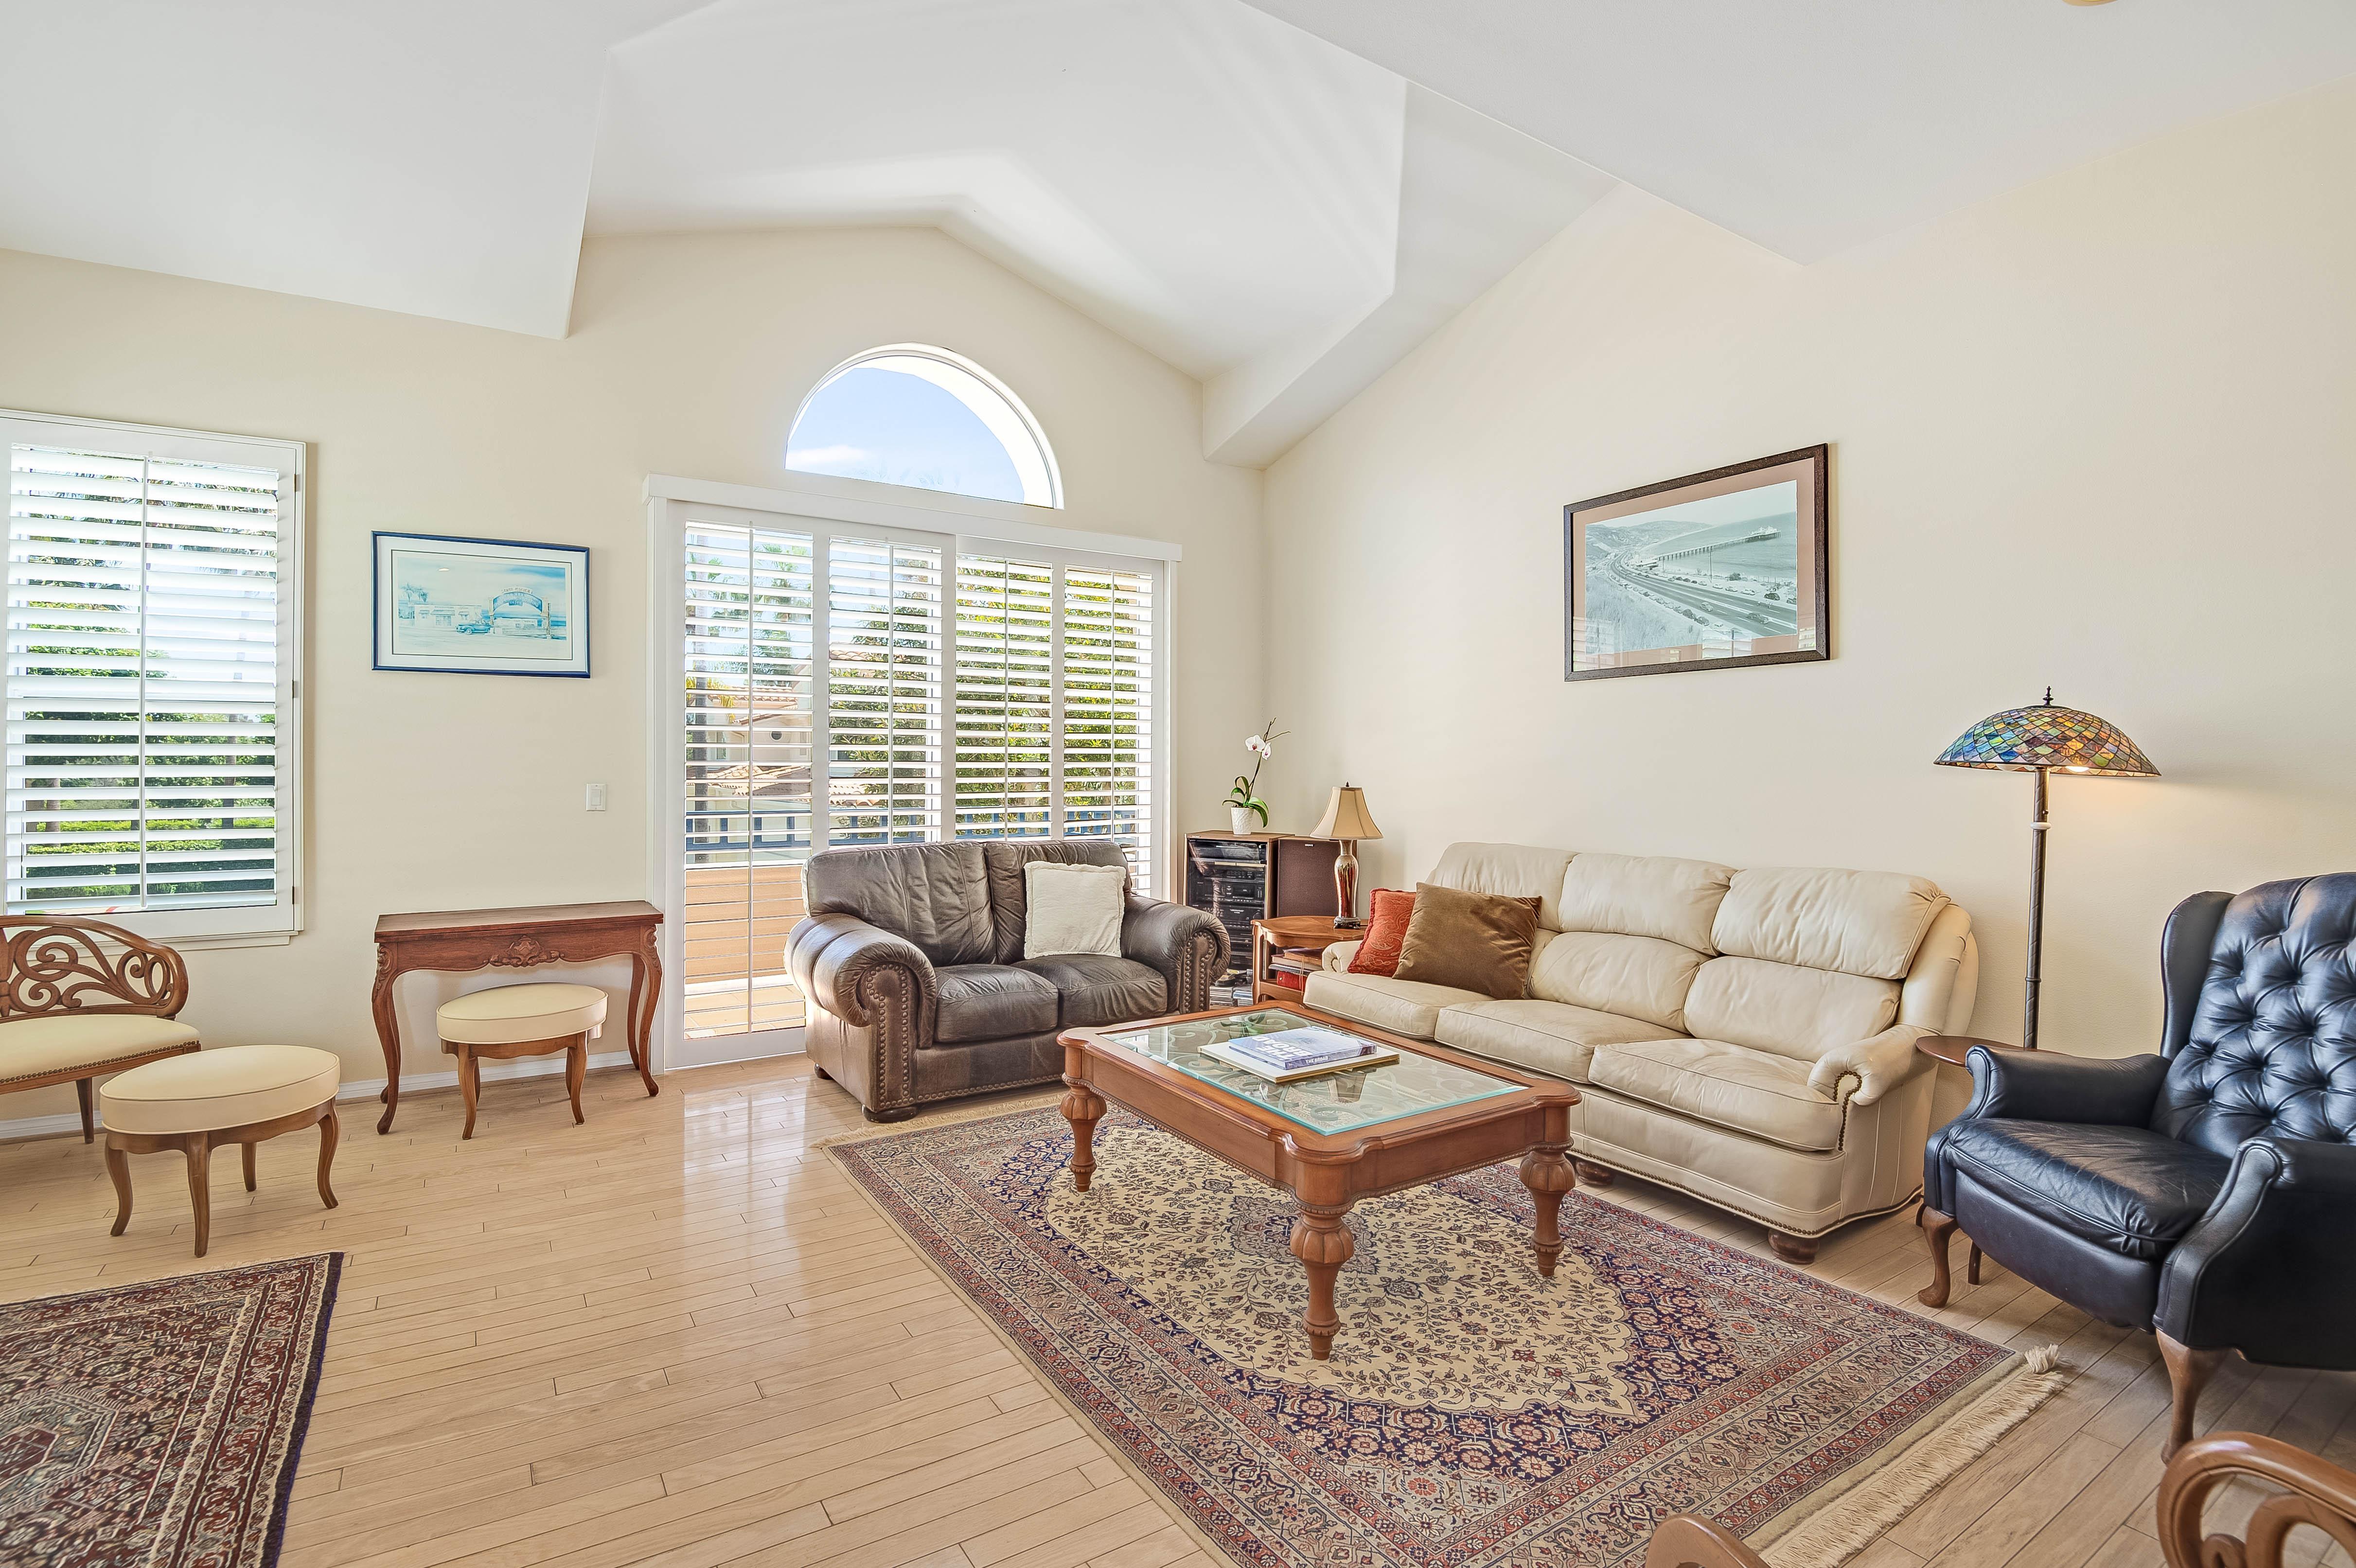 6481 Zuma View Place | $1,425,000